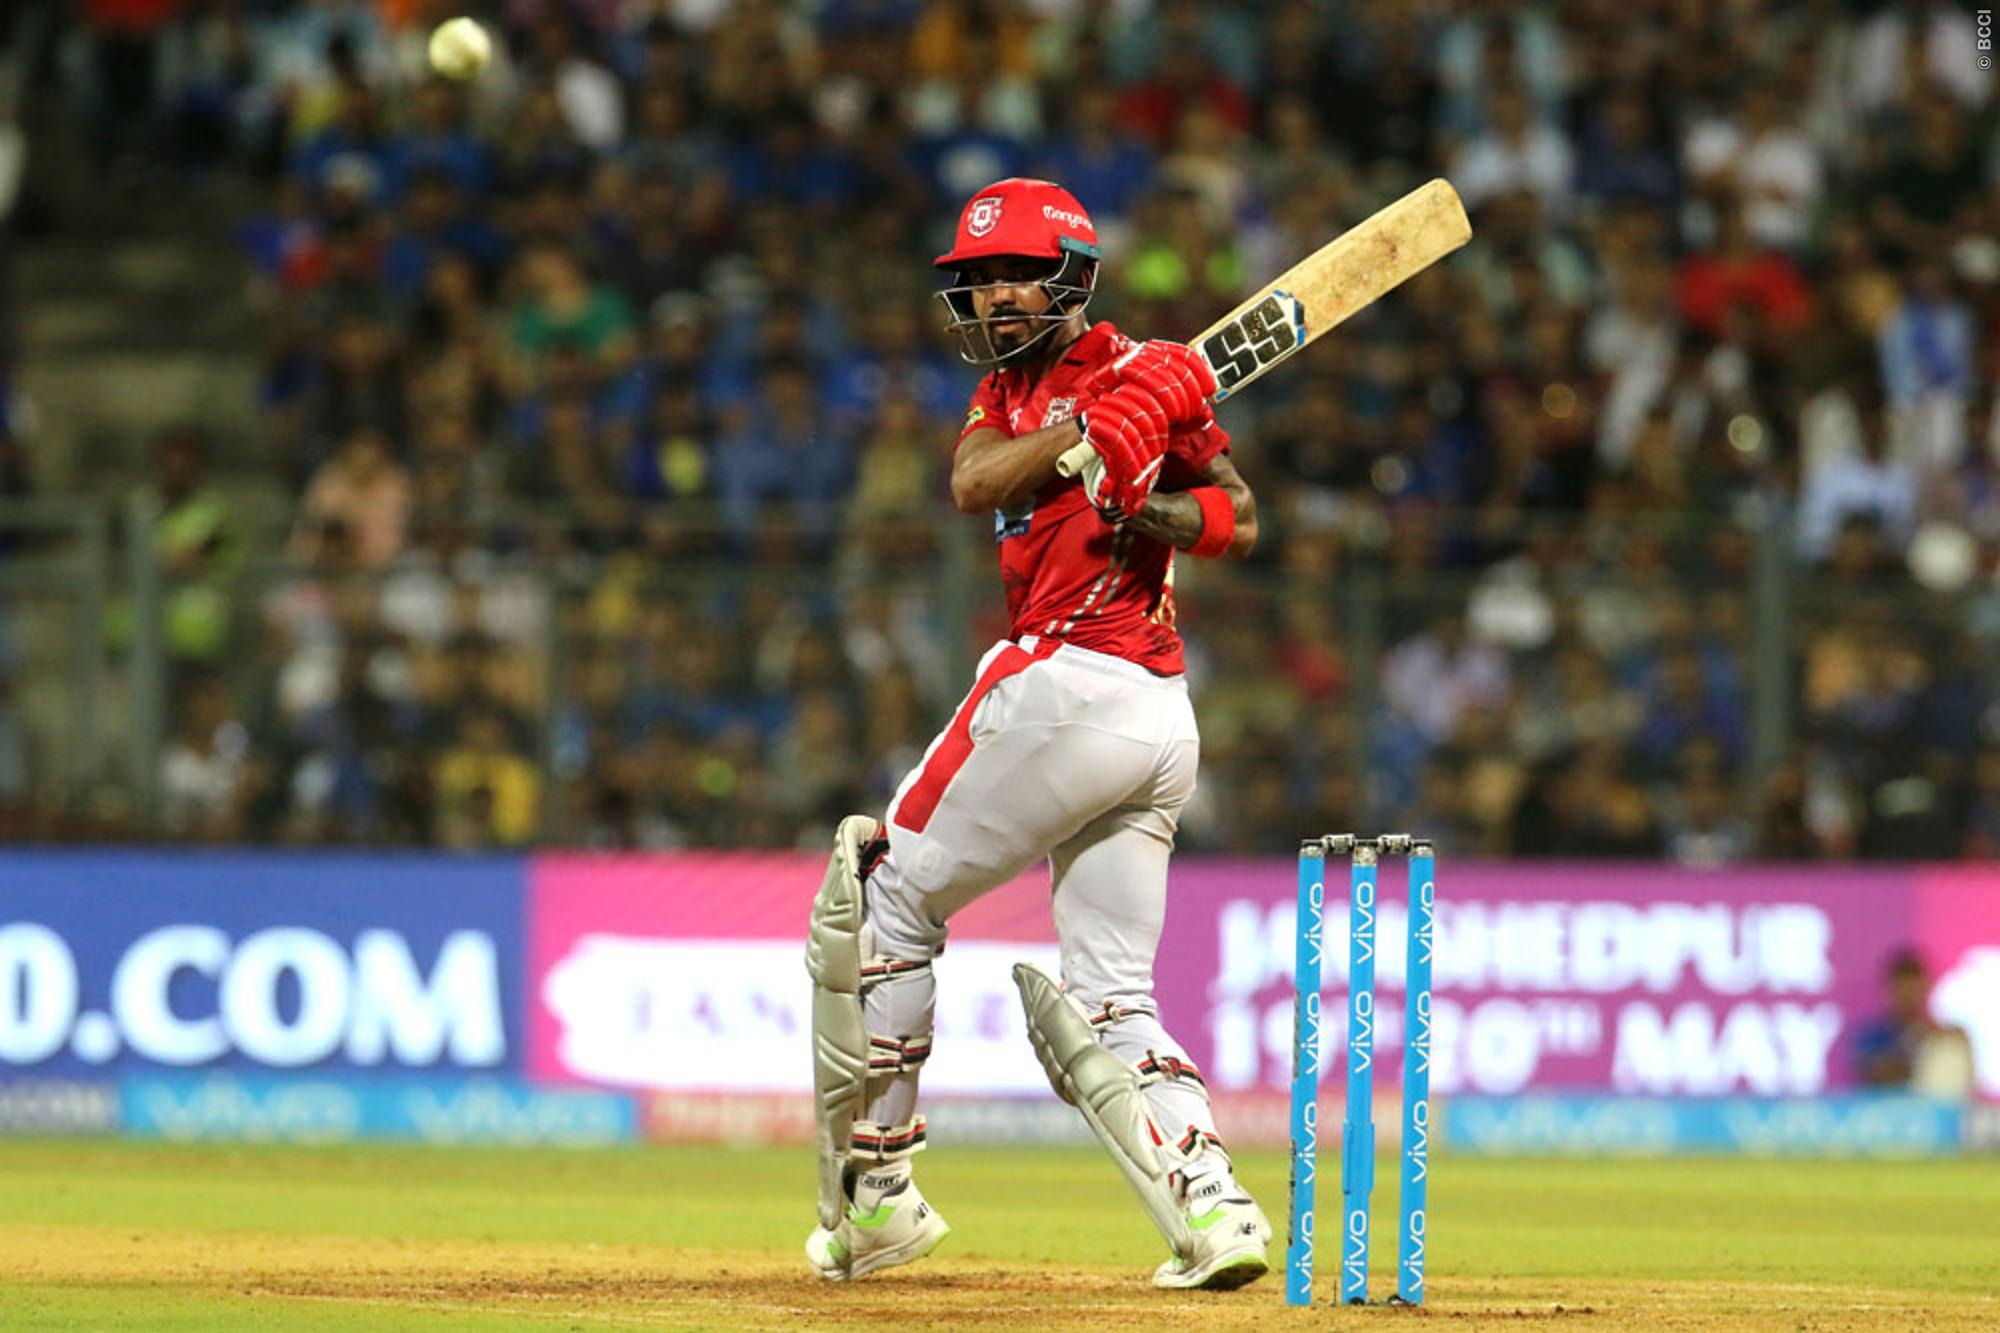 हार के बाद भी सोशल मीडिया पर छाये केएल राहुल, वही लोगो ने अश्विन की कप्तानी पर किये ऐसे कमेन्ट देख नहीं रुकेगी हंसी 3